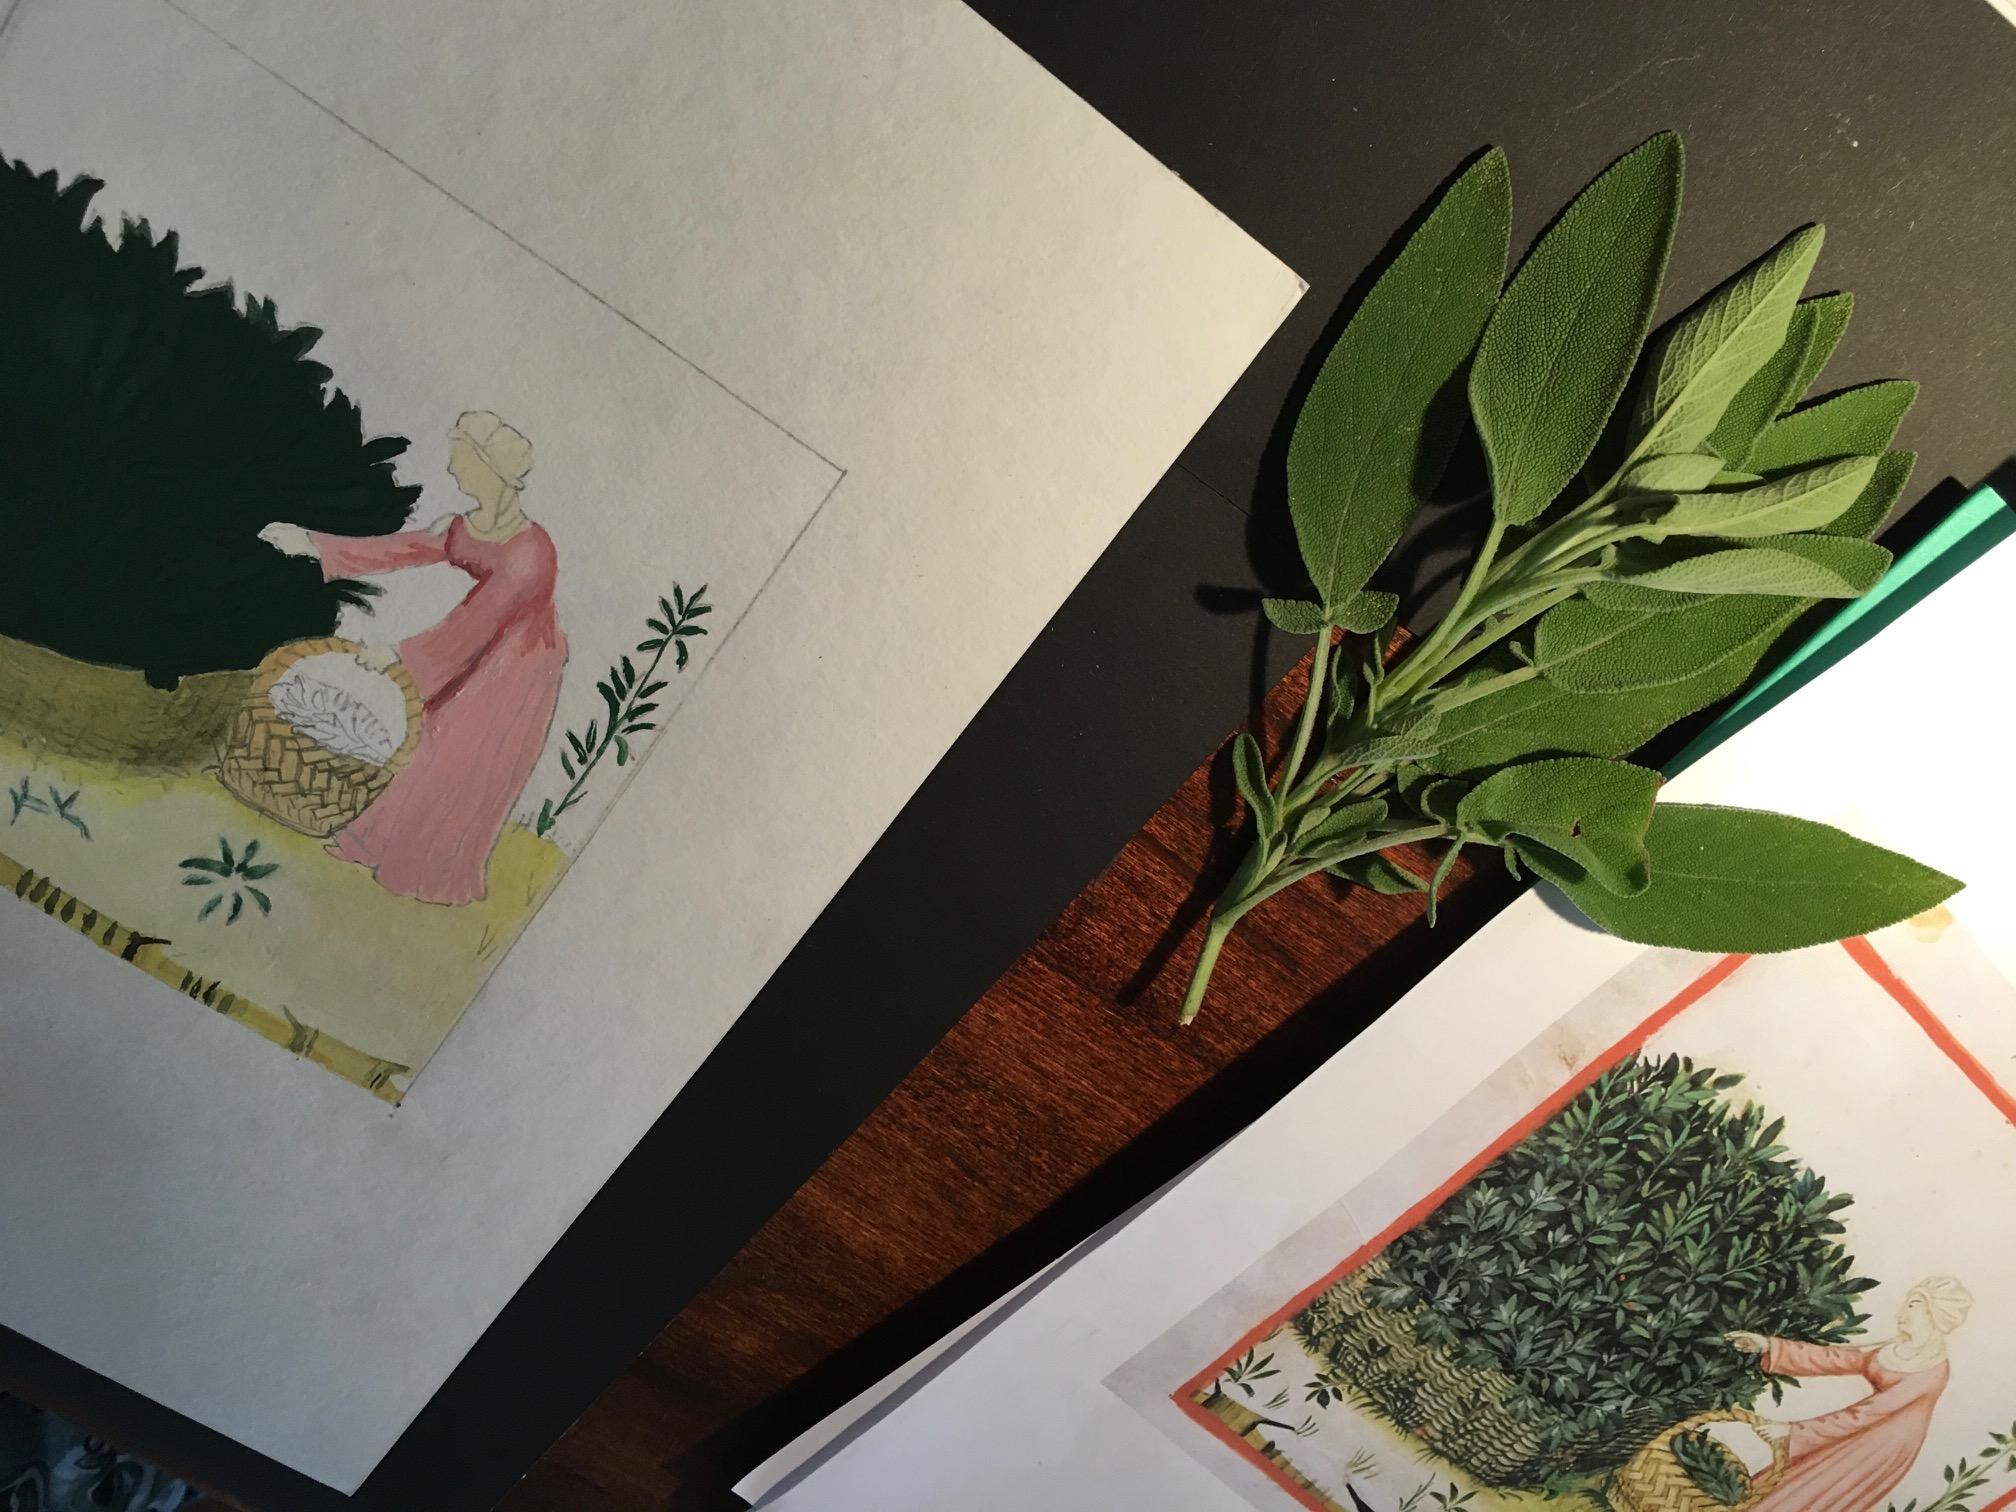 obrazek kobieta zbierająca zioła